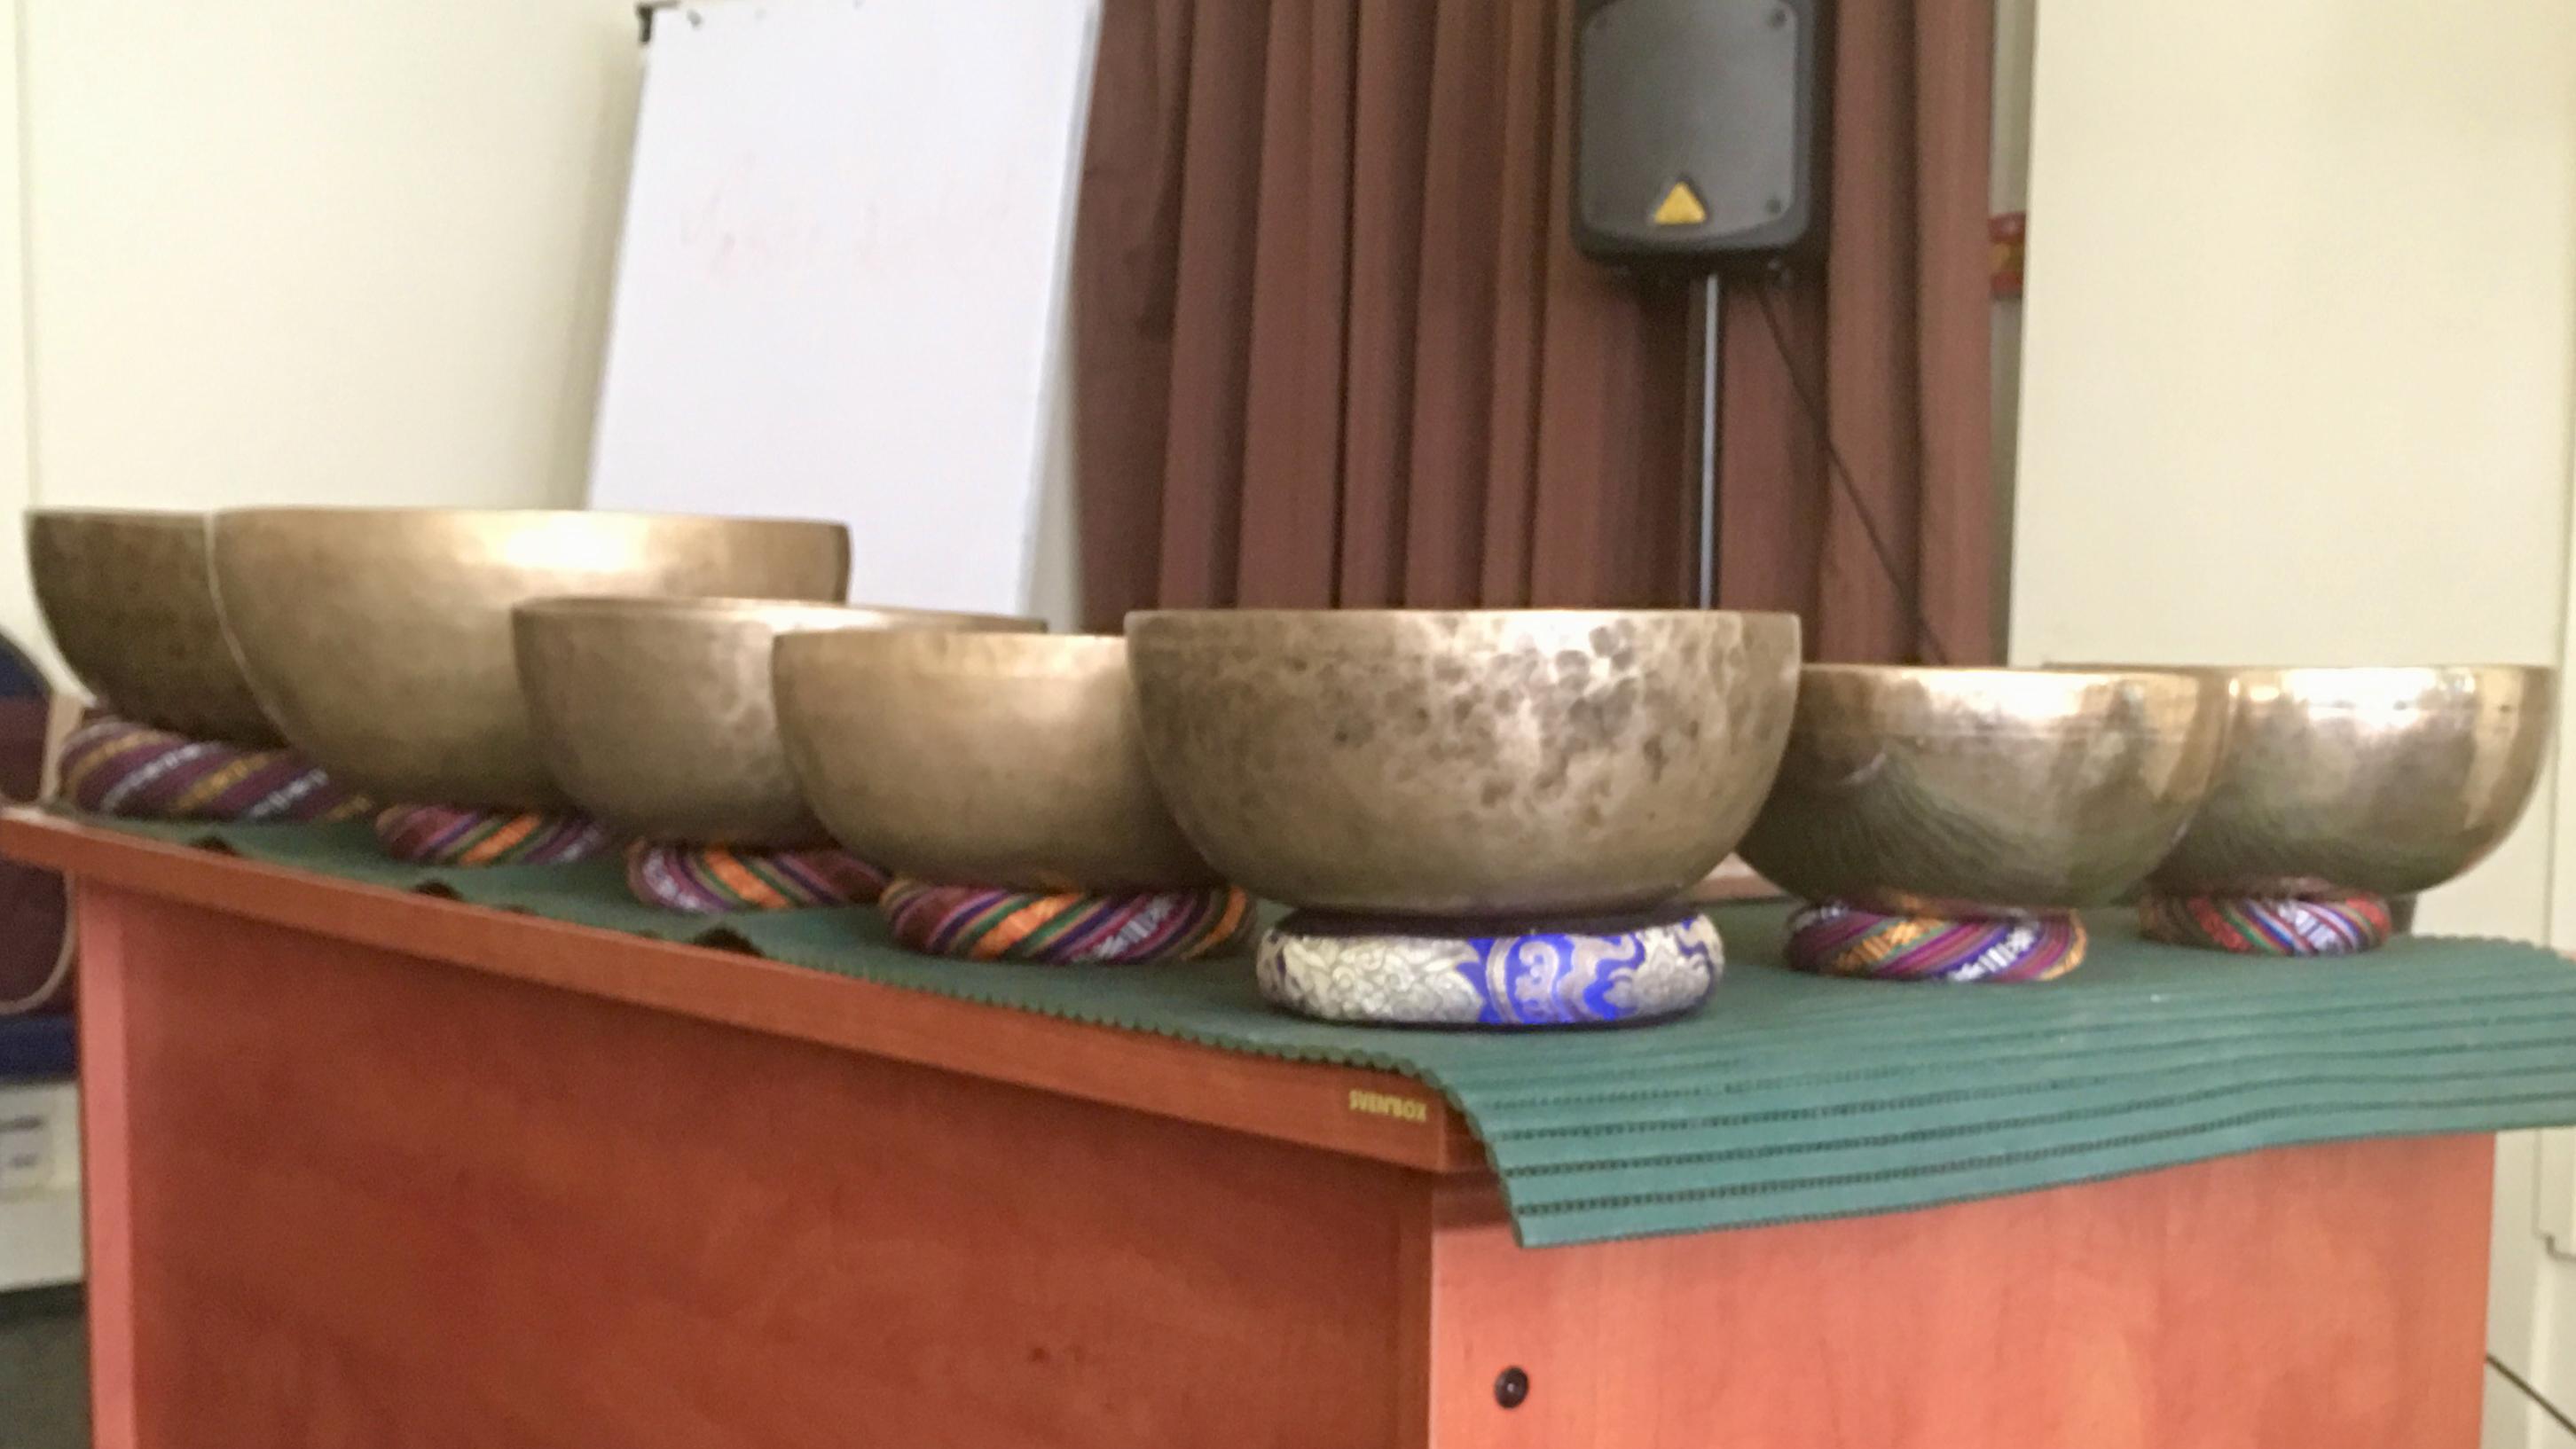 Kurs uzdrawiania misami tybetańskimi prowadzony przez Khenpo Ratsa Geshe Tenzin Dargye